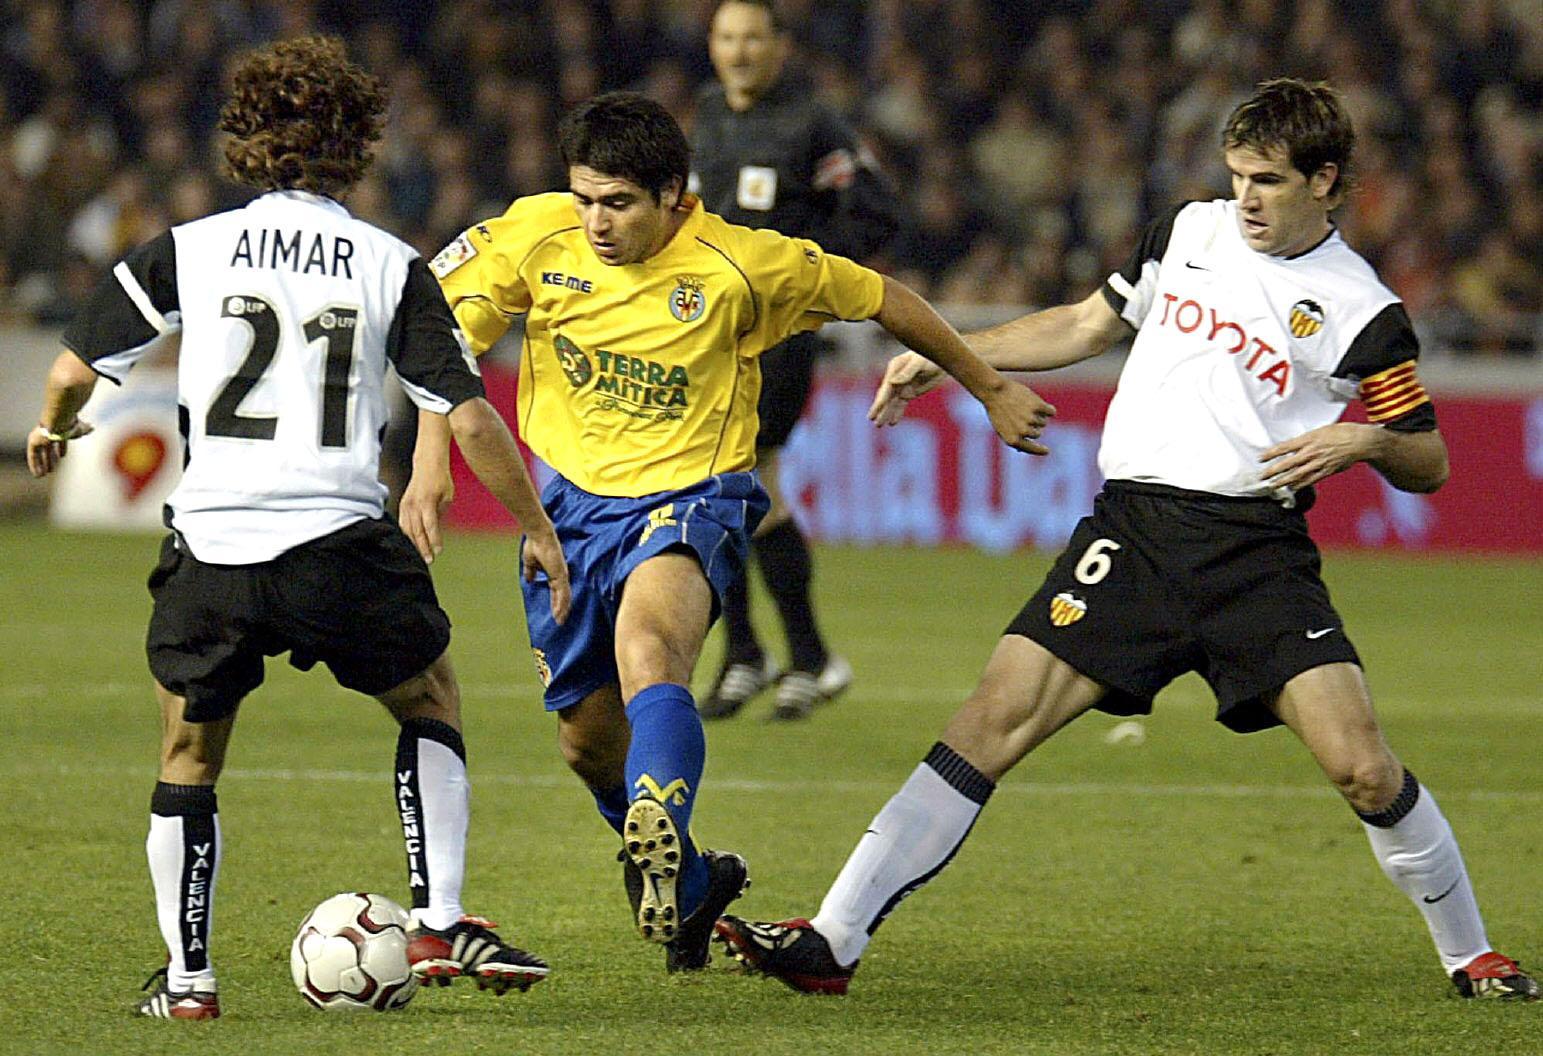 04.01.2004: Valencia CF 4 - 2 Villarreal CF